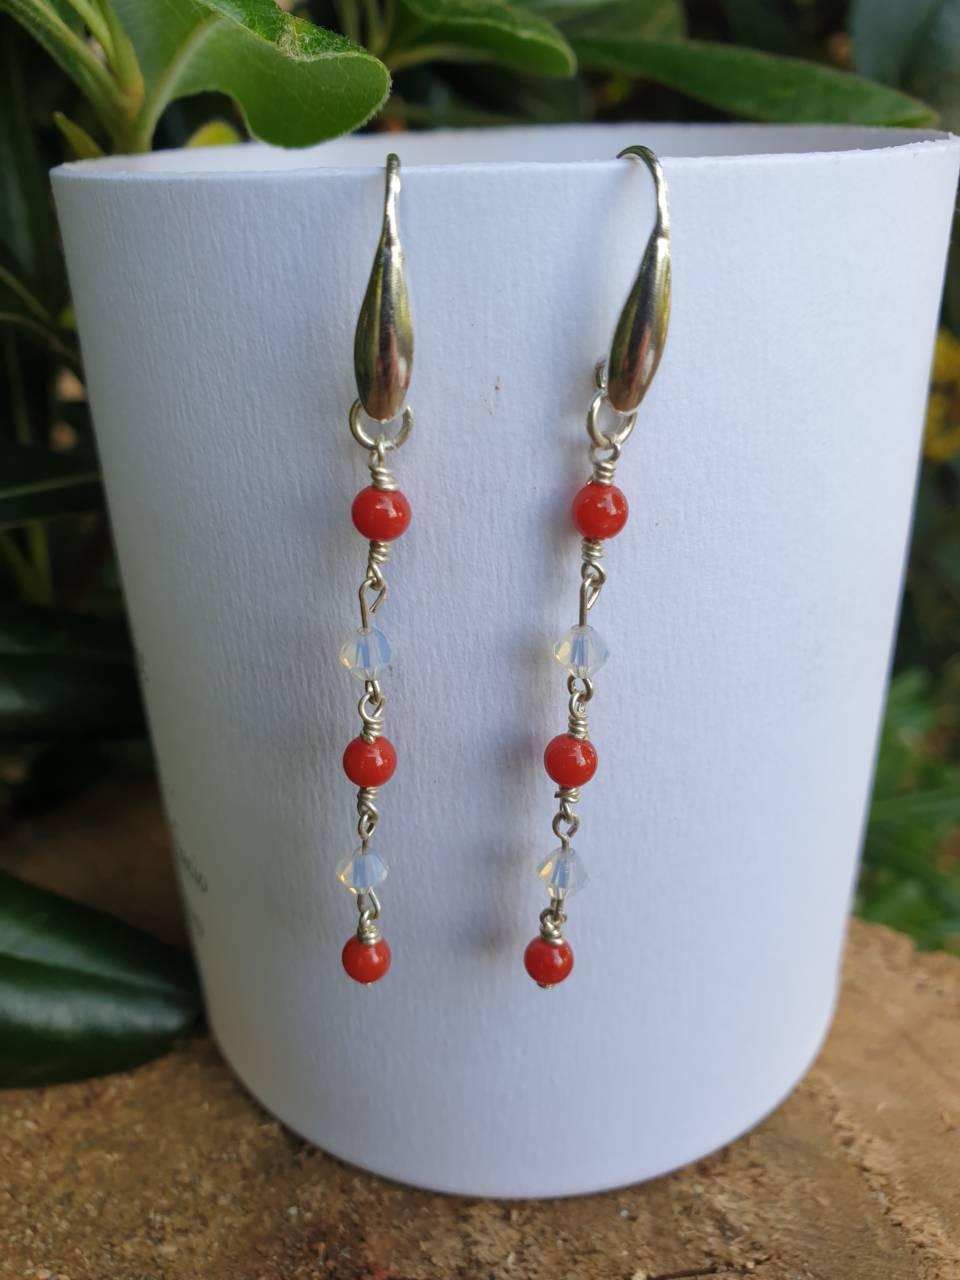 Boucles d'oreilles corail rouge et argent